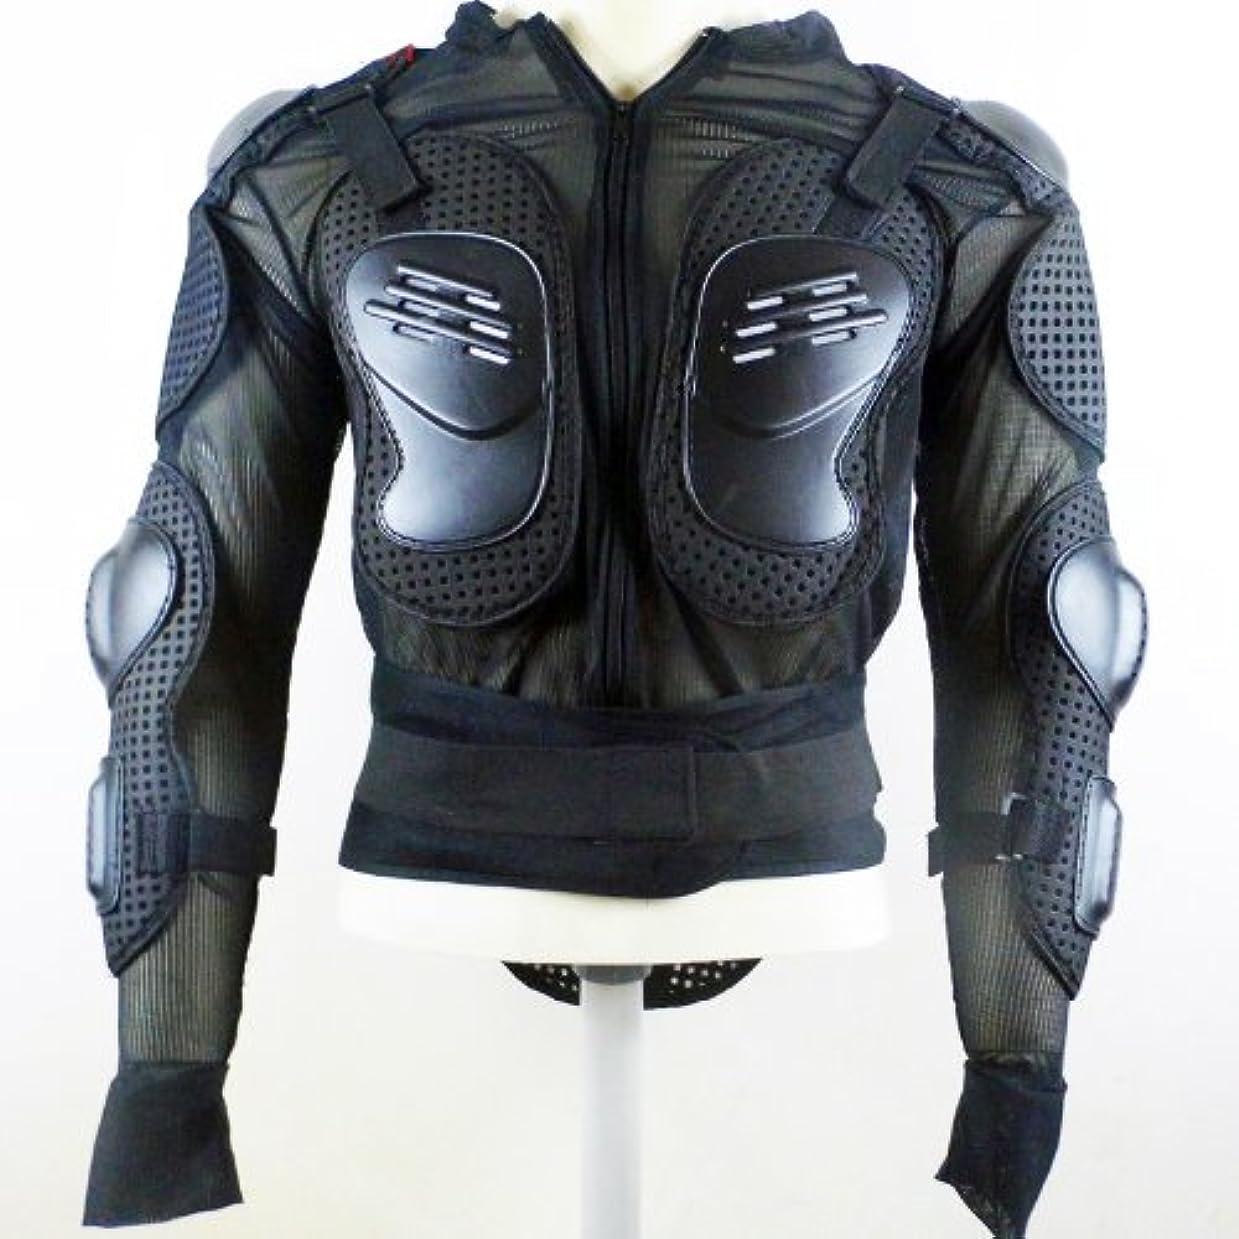 ラメ閲覧する大学院[ノーブランド品]上半身 ボディー プロテクター バイク ジャケット 【XL】165㎝?175㎝ ランチスーツ